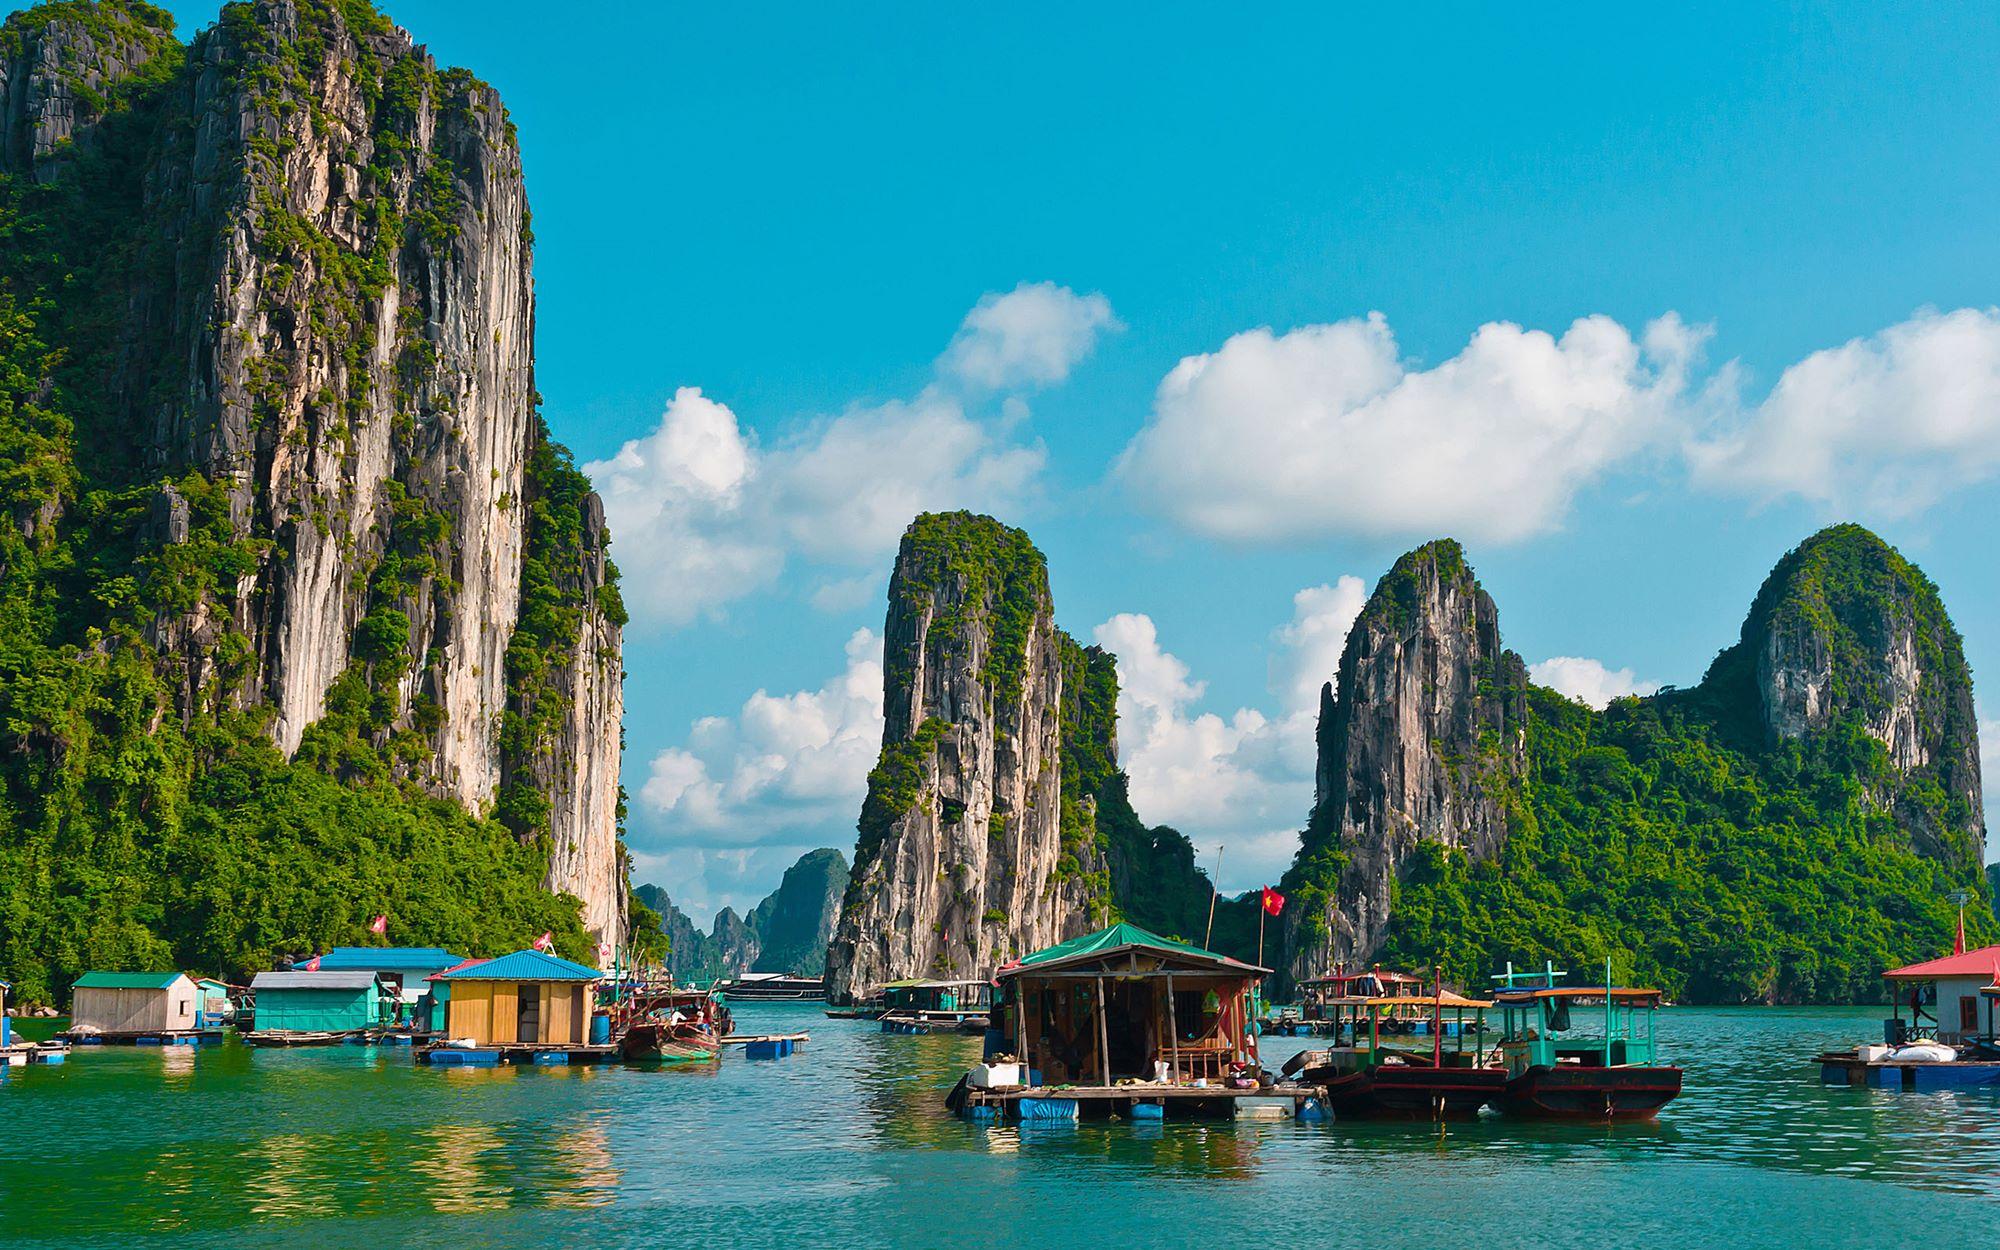 خلیج هالونگ بی ویتنام